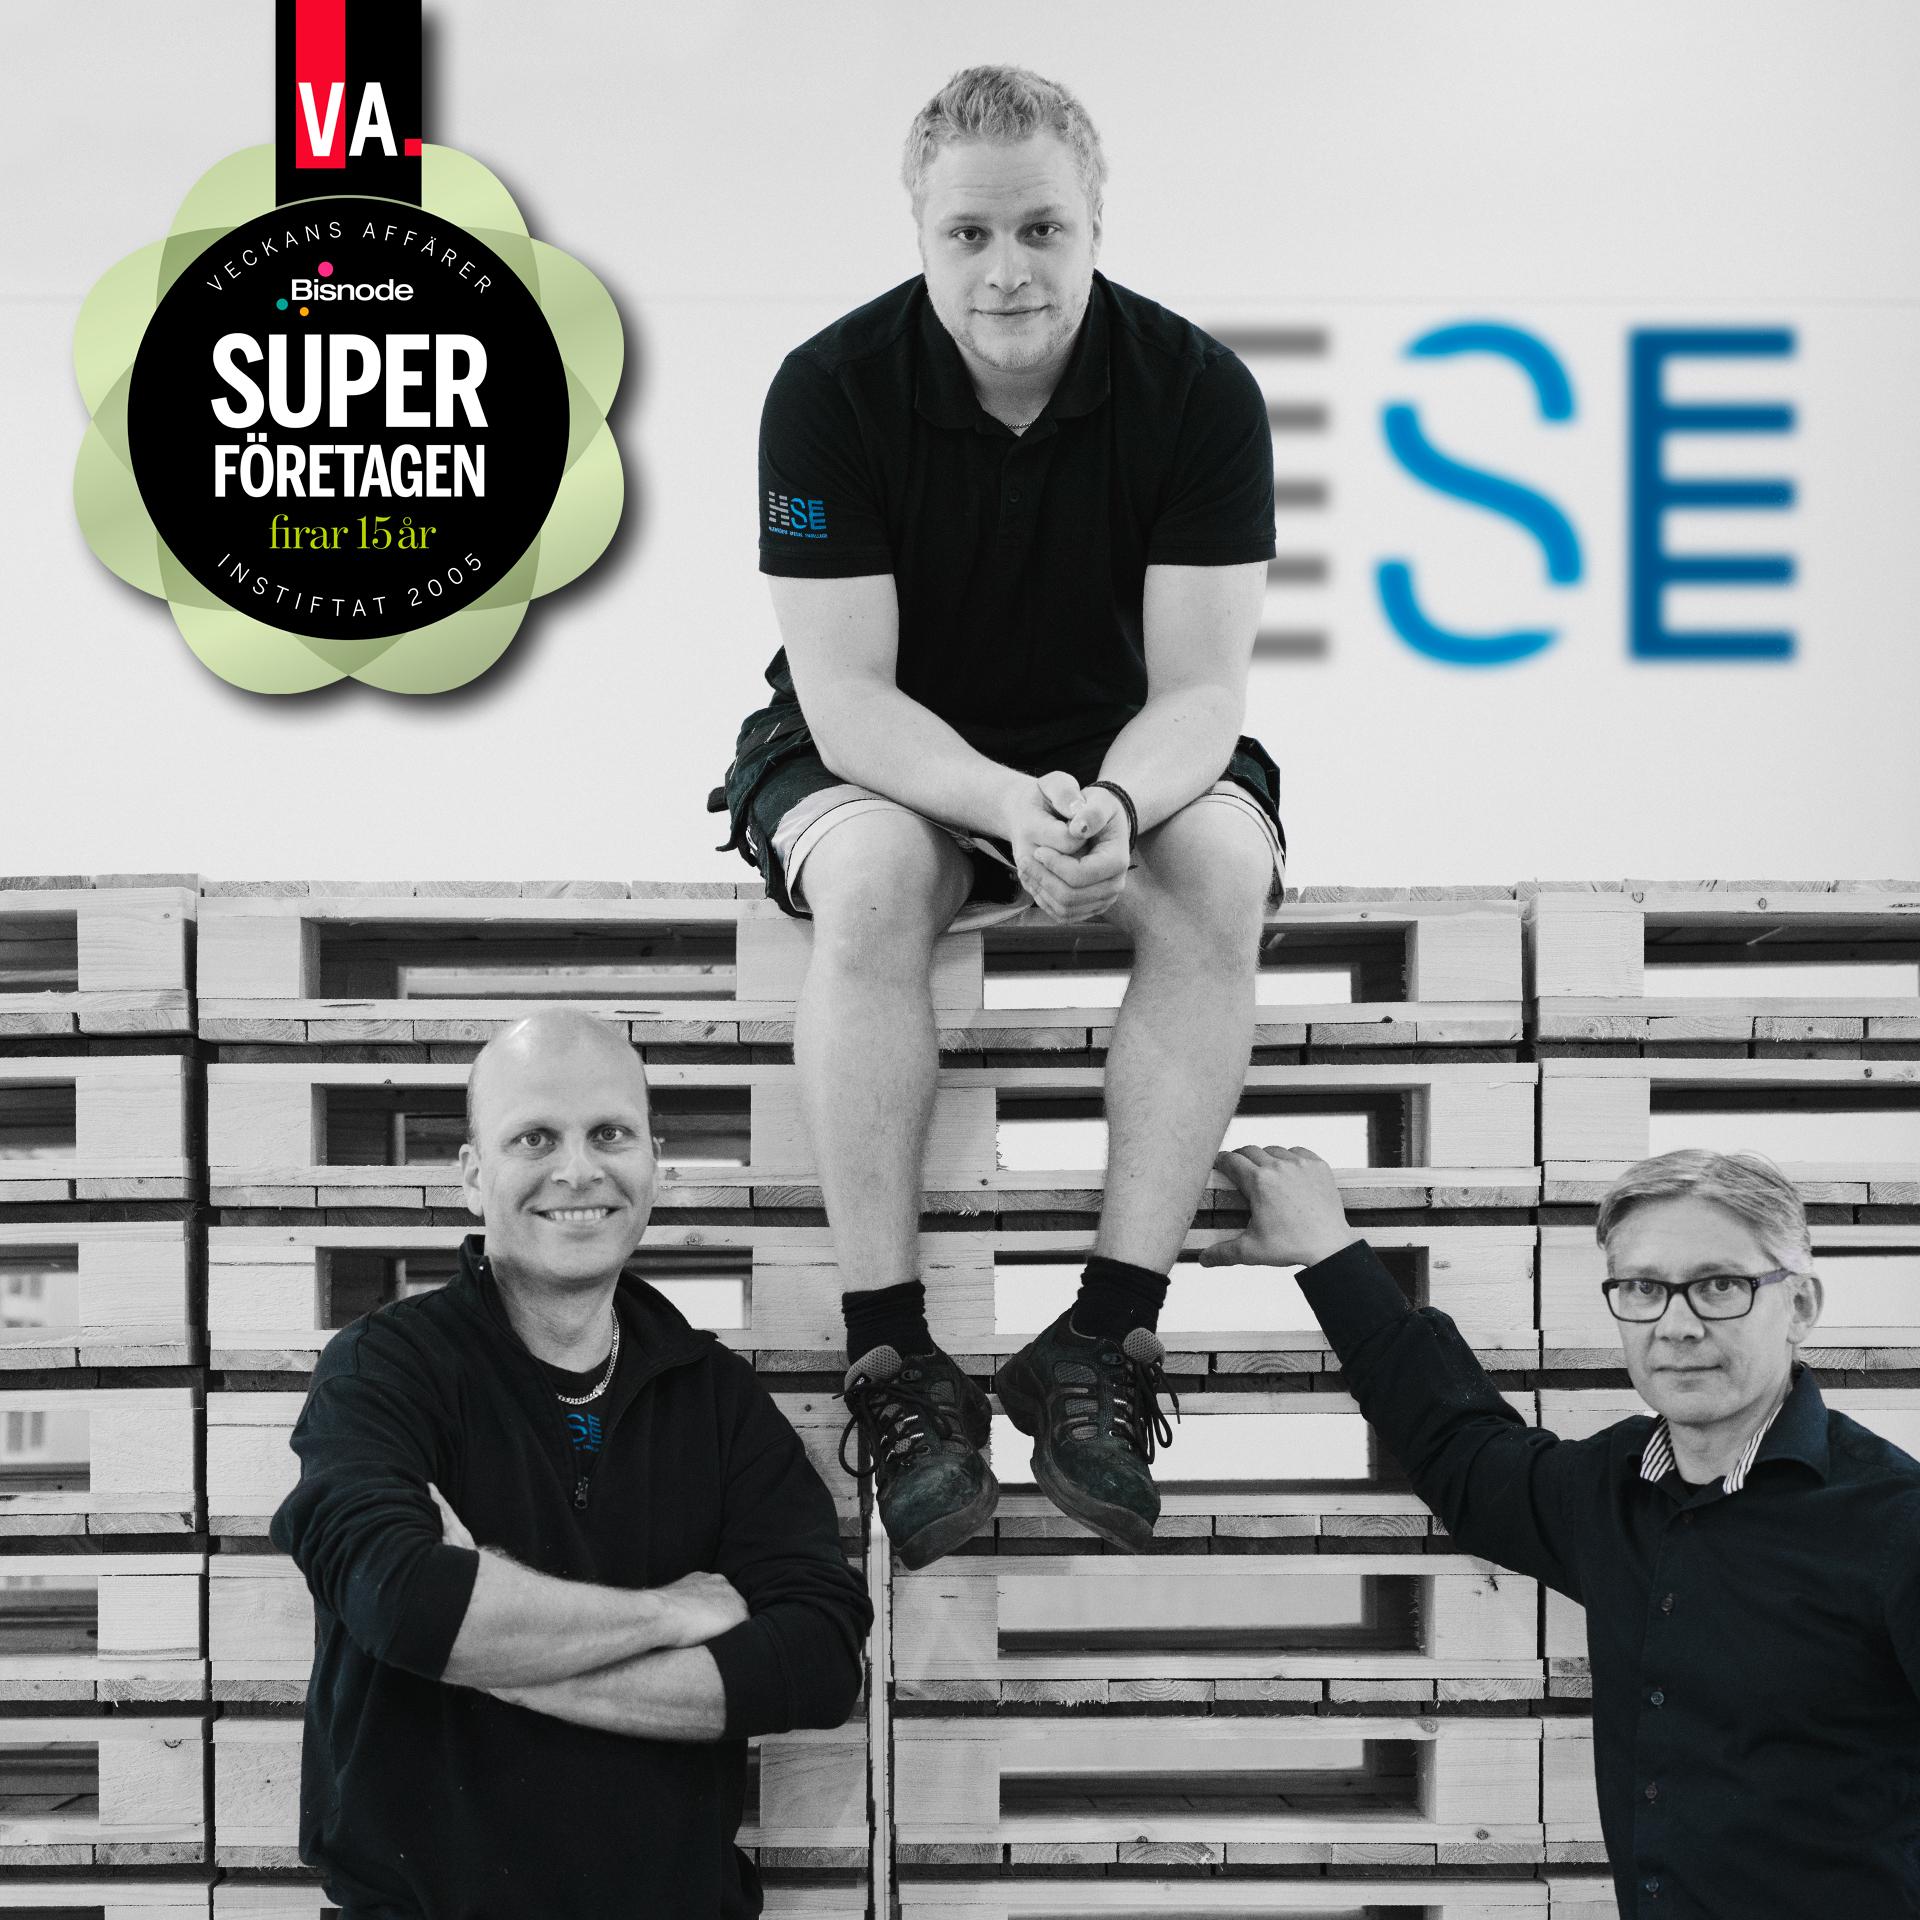 Porträttfoto av Samuel Davidsson, Erik Daviddson och Rickard Björkman på Hillerstorps Special Emballage vid staplade halvpallar. Symbol för Superföretagen firar 15 år i bildens vänstra övre hörn.